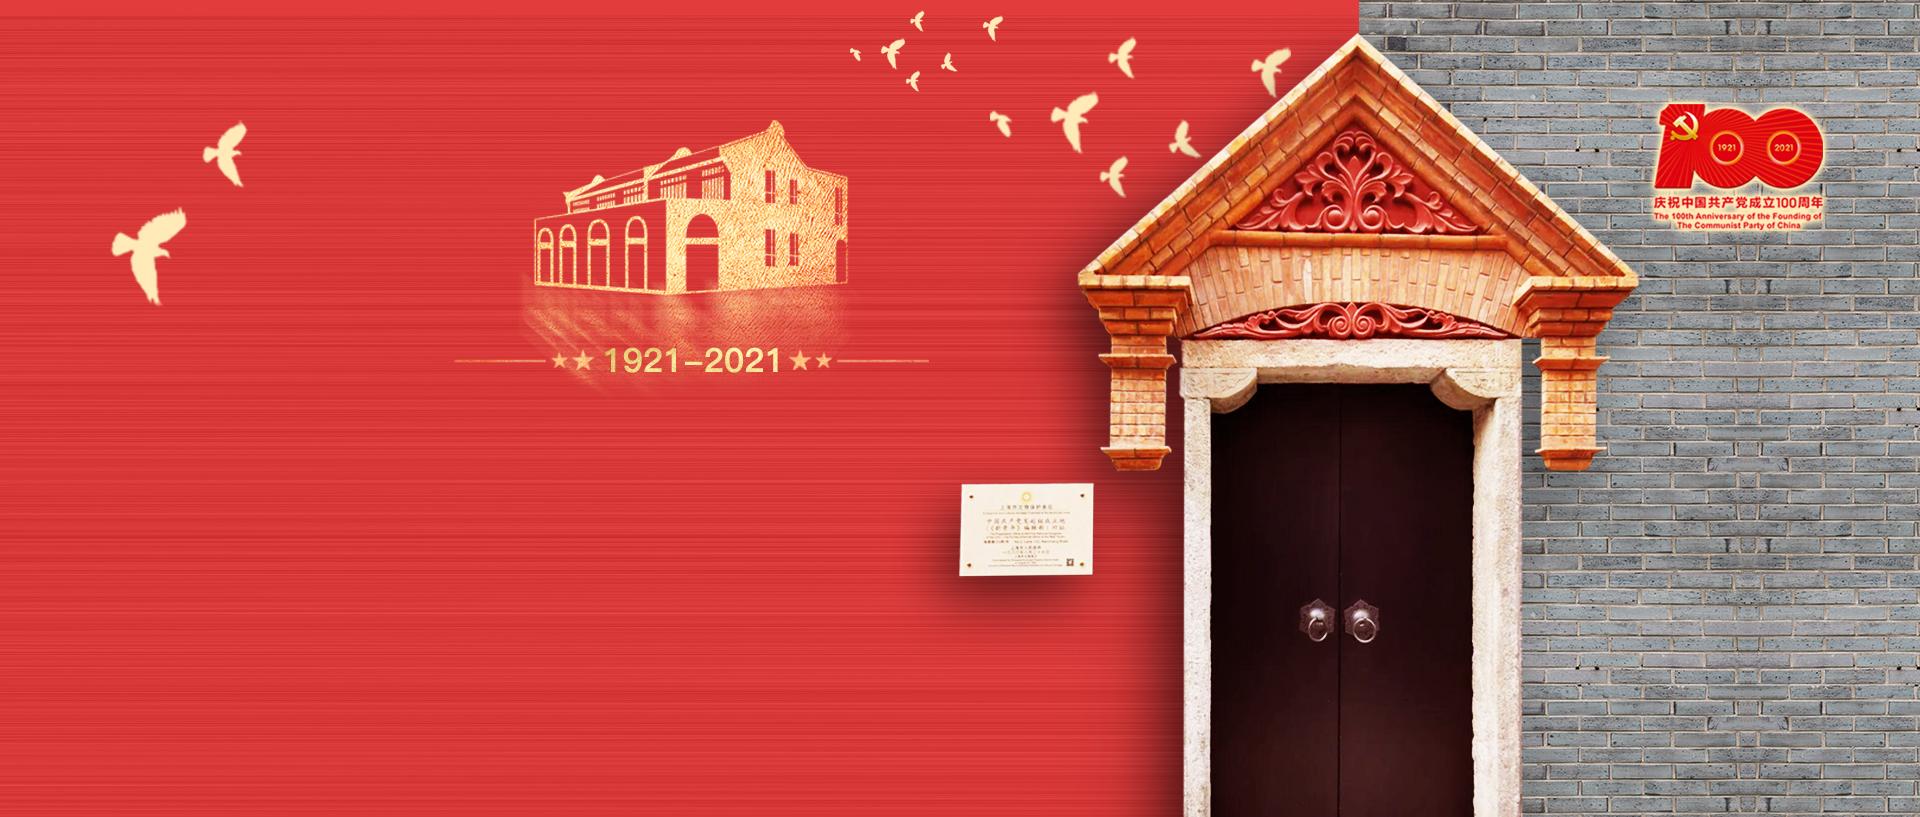 Celebrate CPC's Centenary in Huangpu's Way